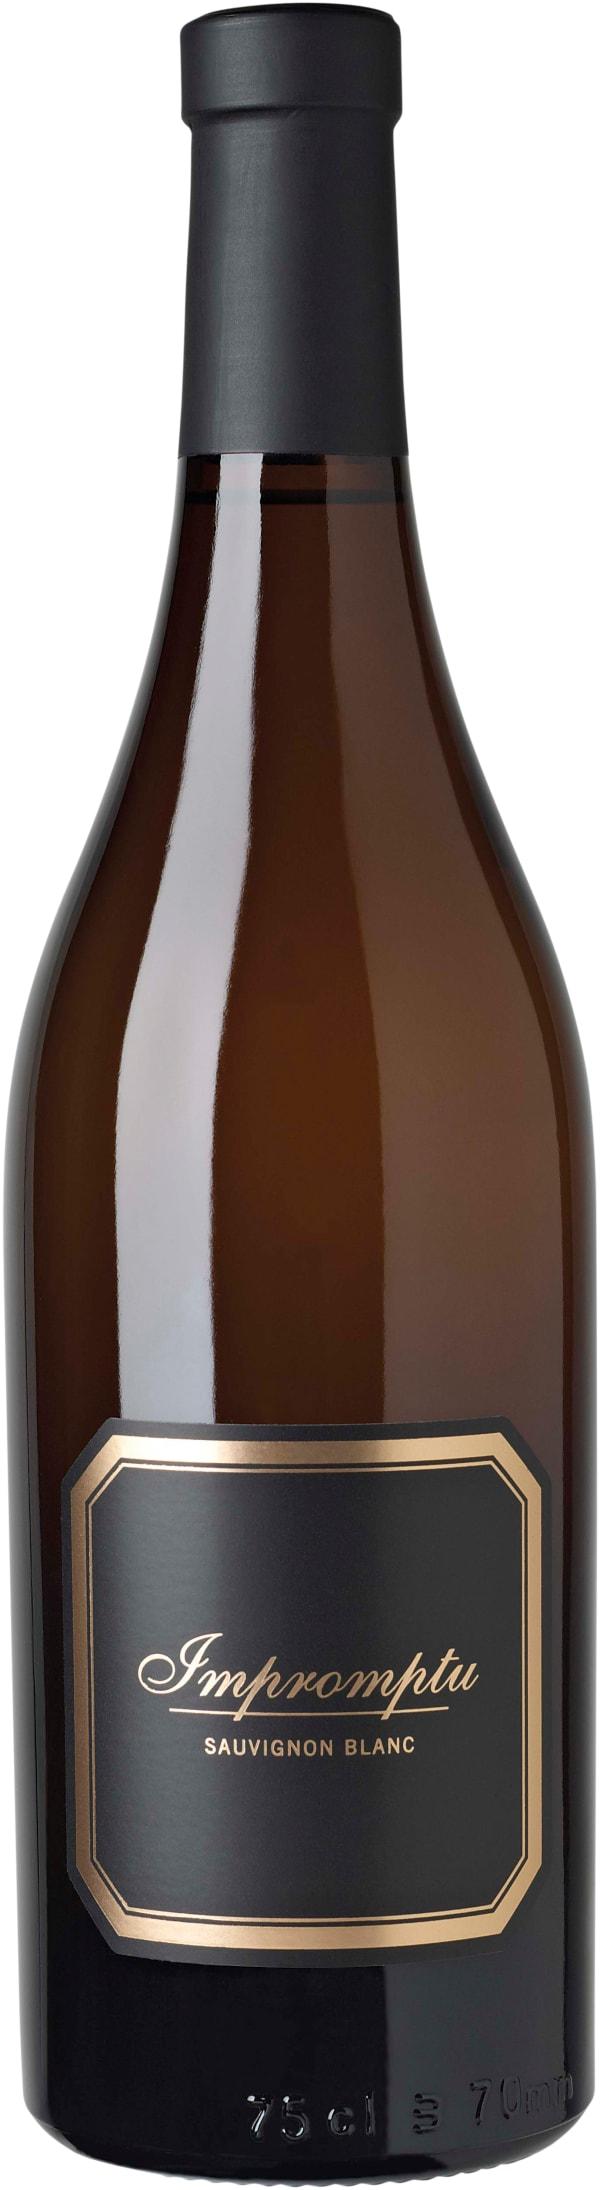 Impromptu Sauvignon Blanc 2014